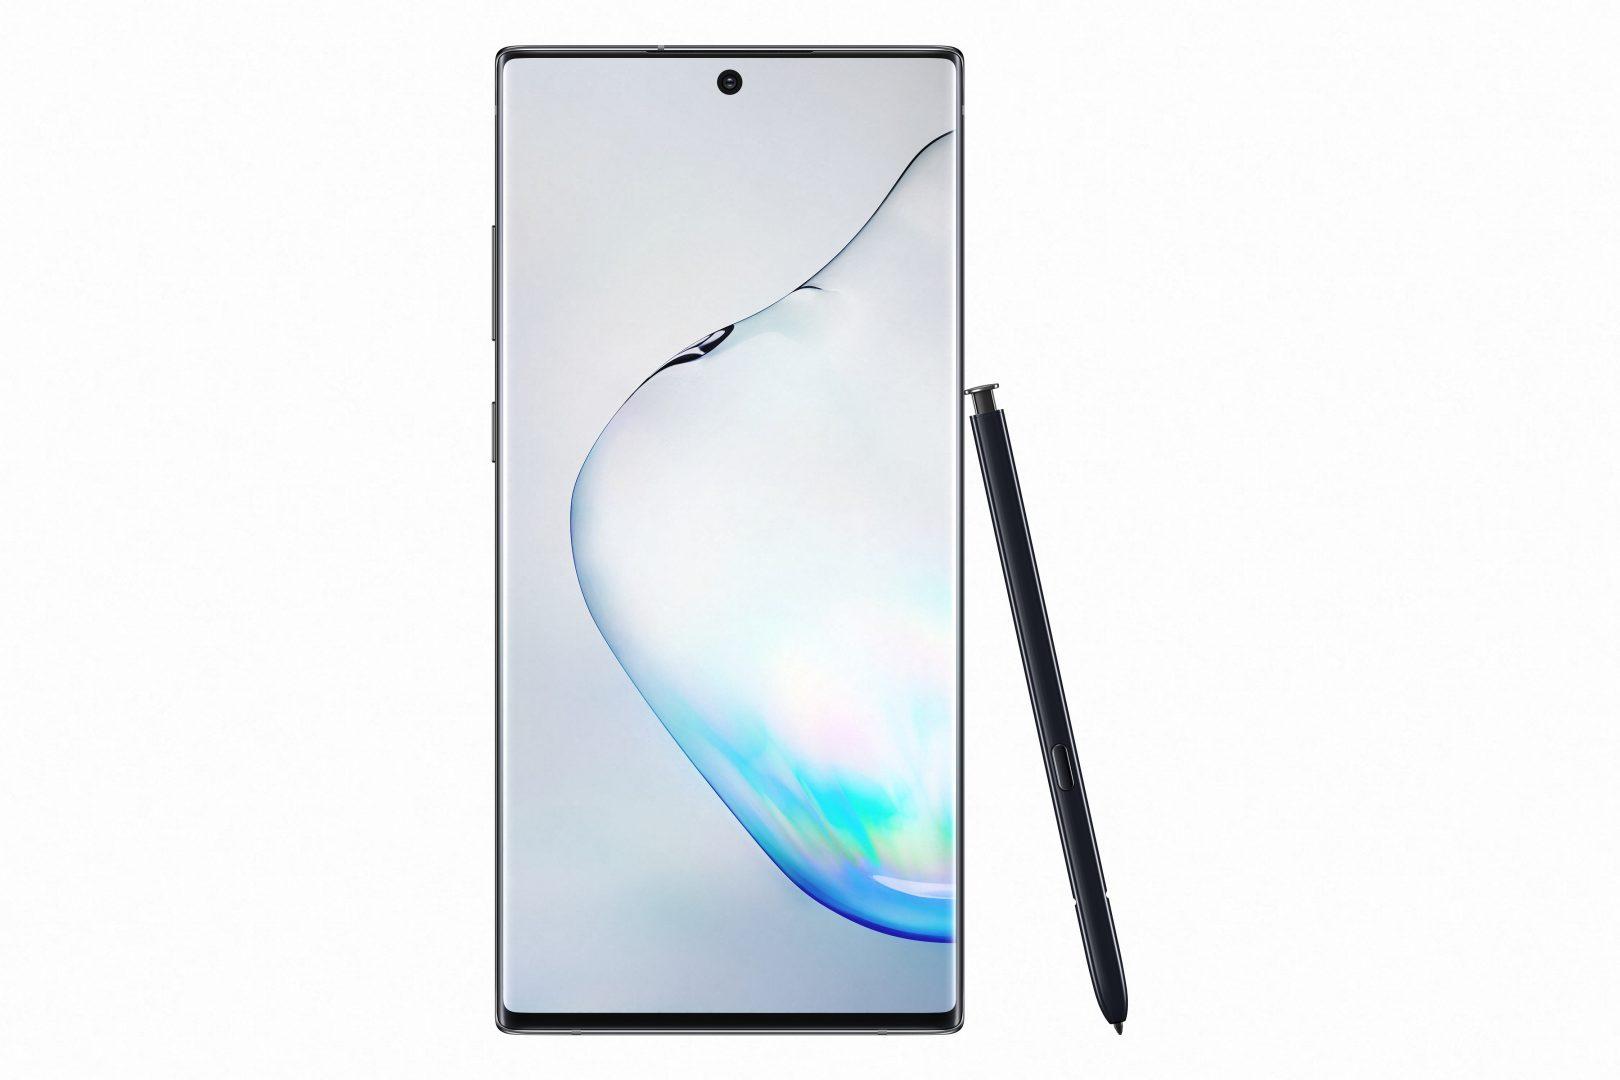 Samsung Galaxy Note10+ Samsung Galaxy Note10 предлага мощен хардуер и още повече софтуерни възможности А1 Блог